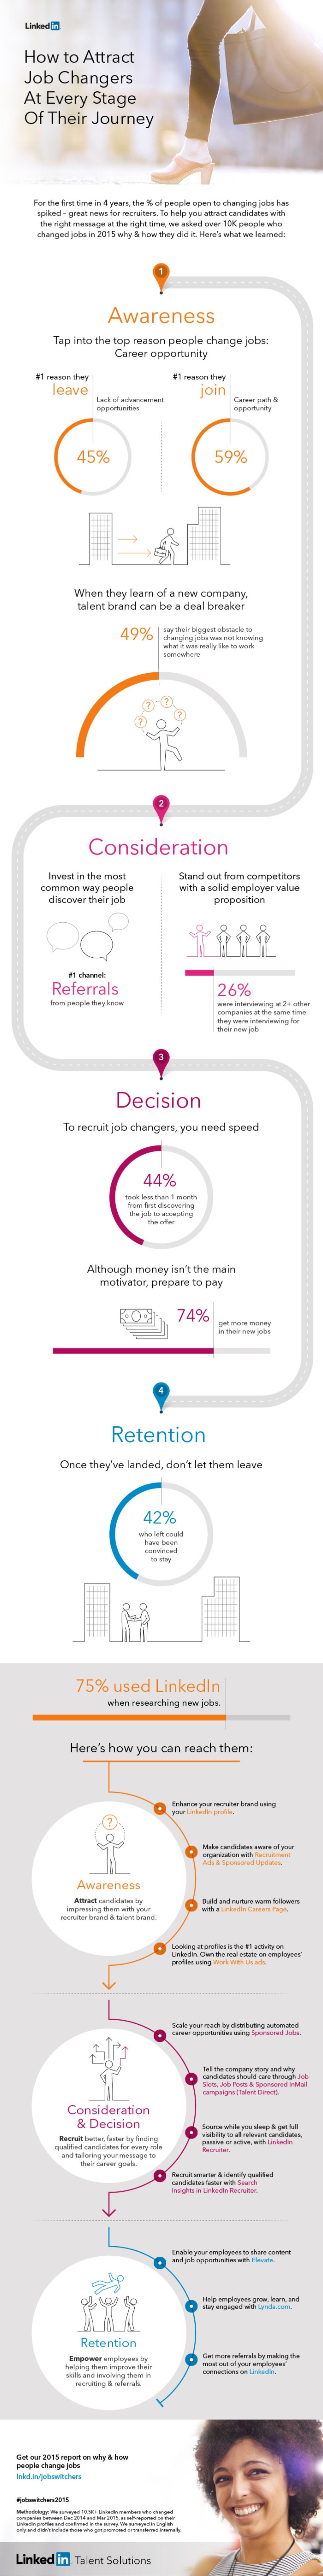 Cómo atraer al Talento que quiere cambiar de trabajo #infografia #infographic #rrhh